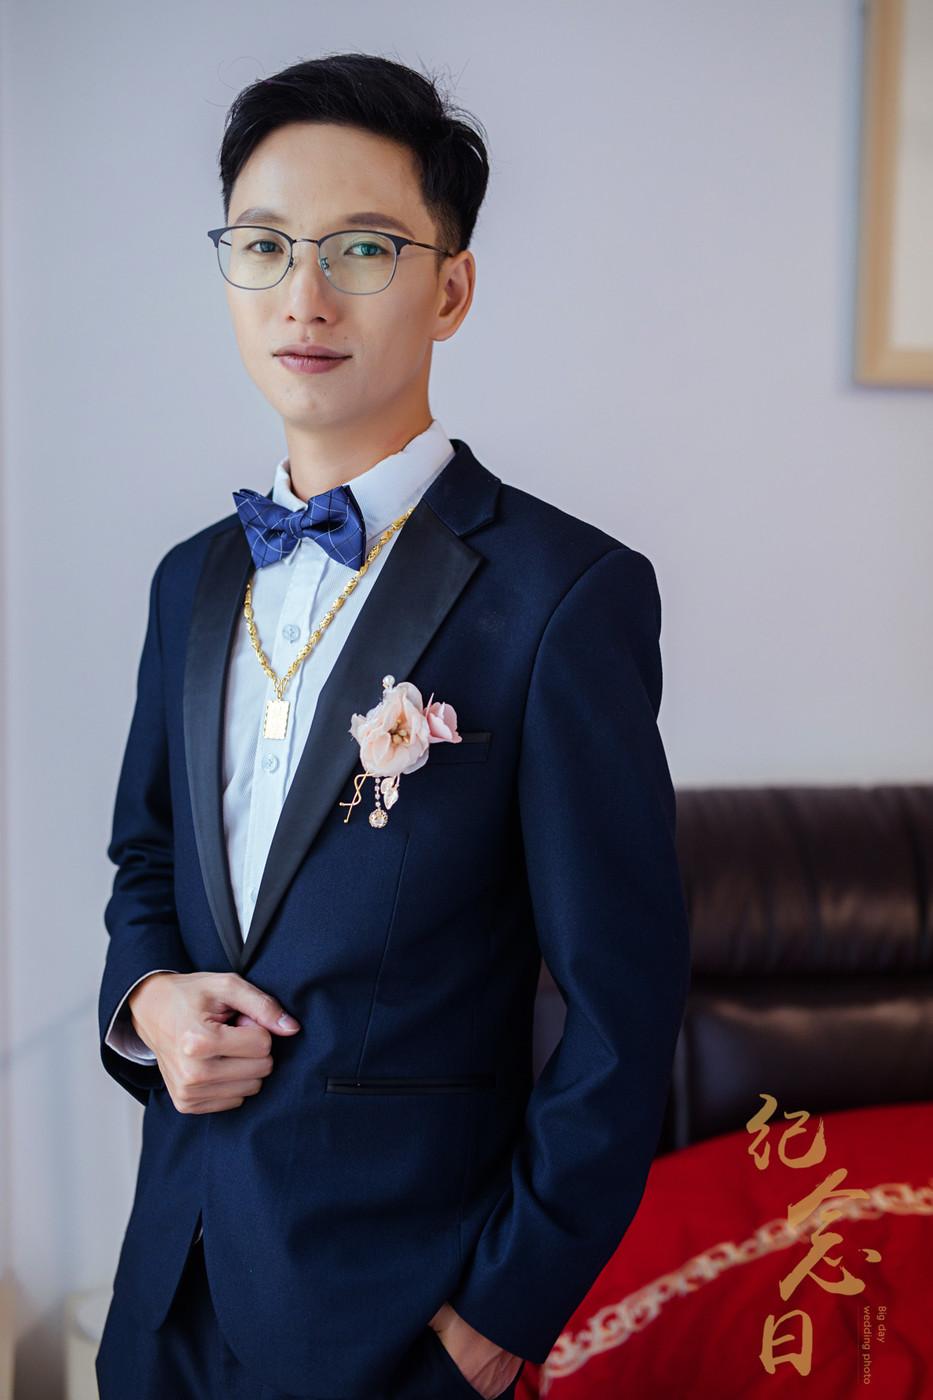 婚礼 | 志明&琳琳7